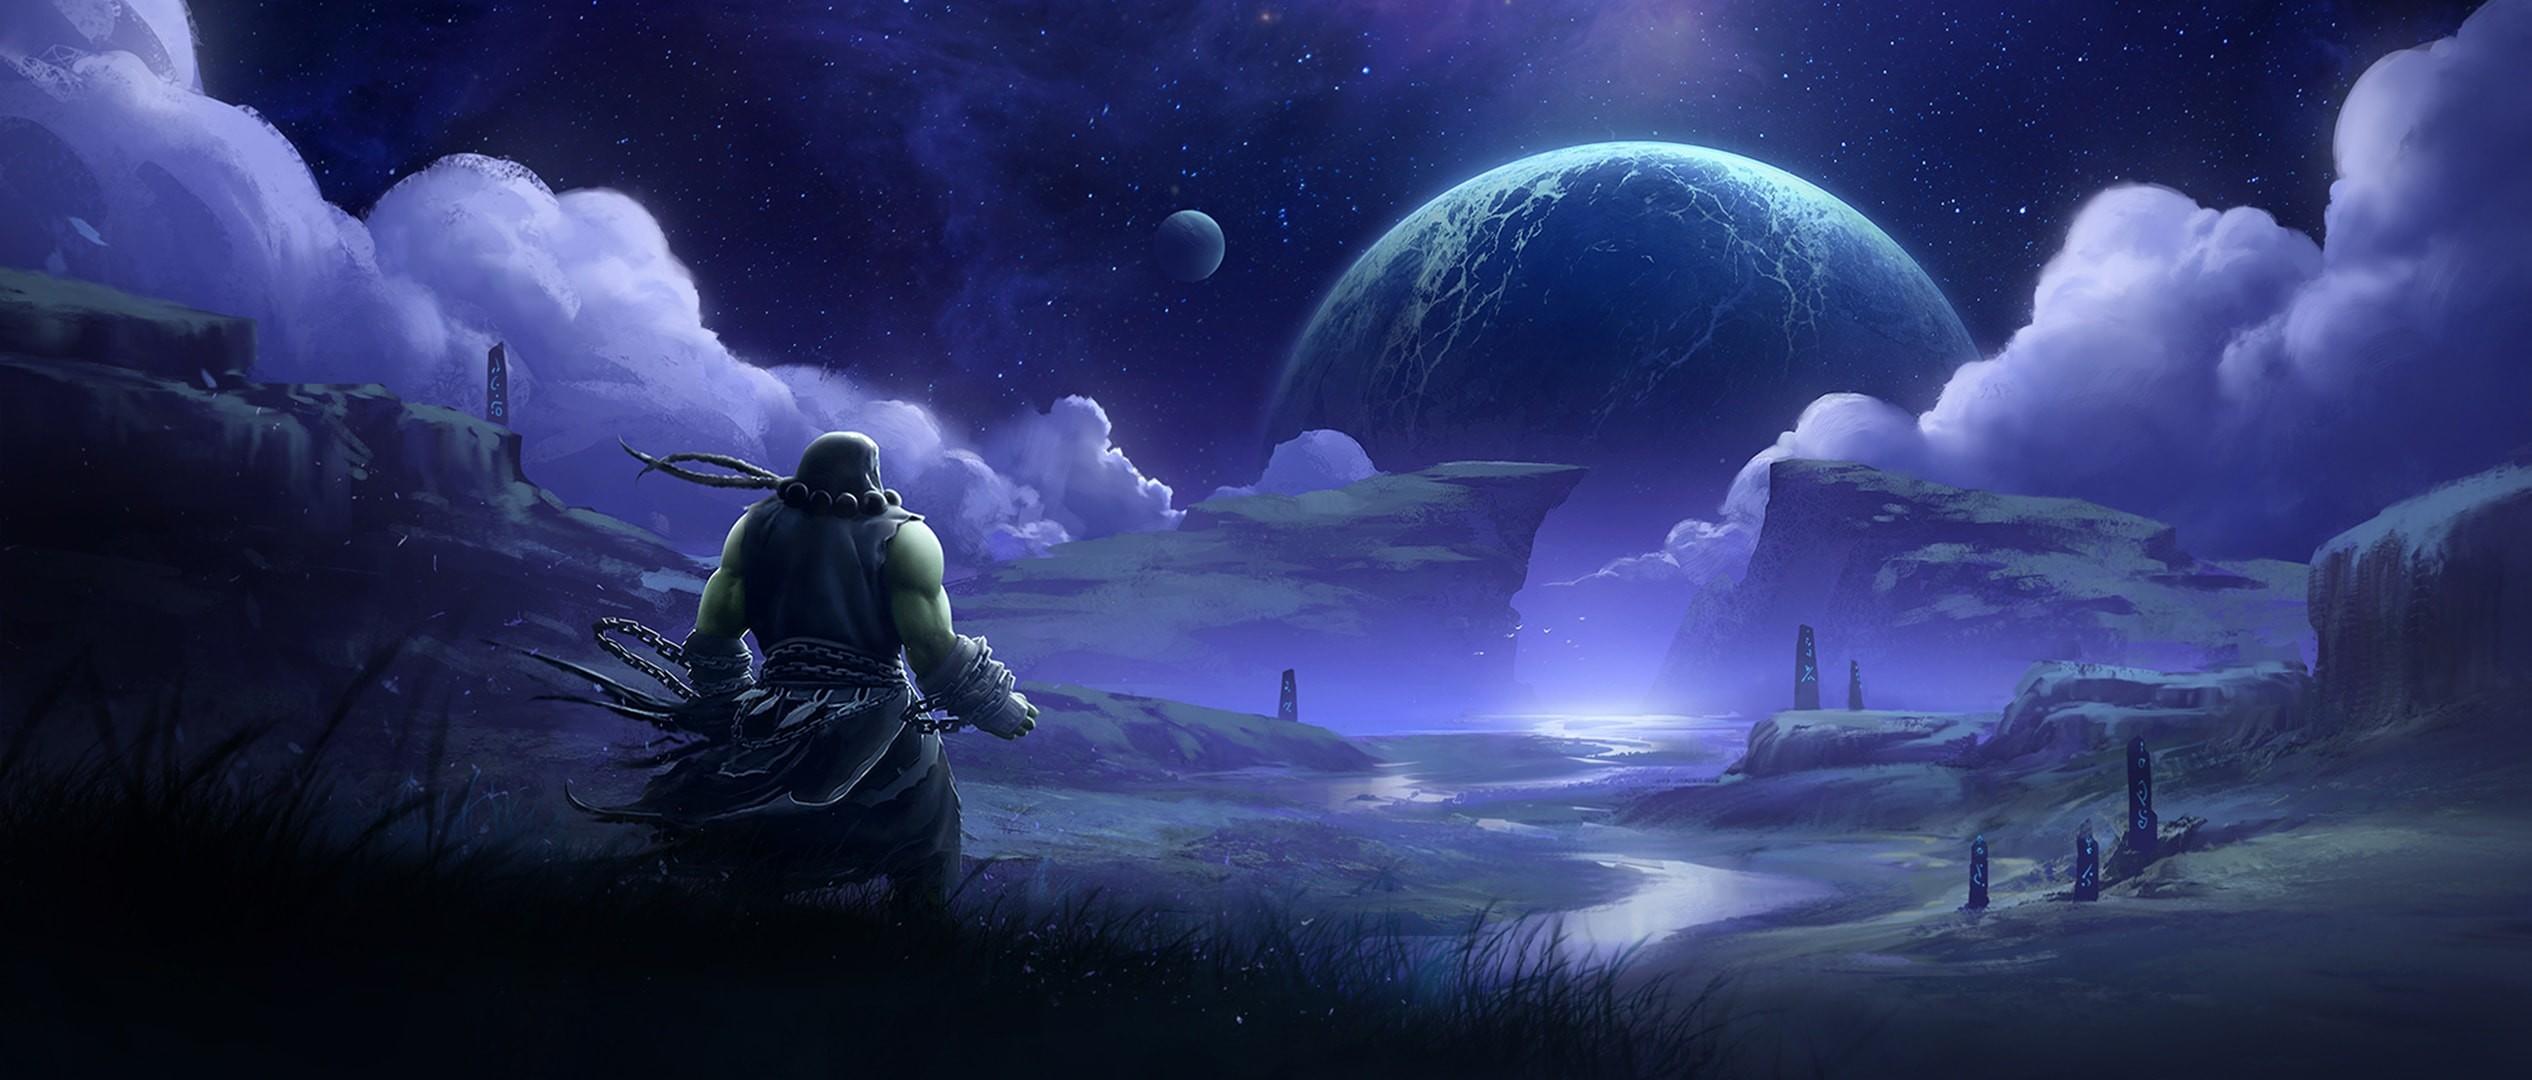 World Of Warcraft 8119 wallpaper | Desktop Wallpapers | Pinterest | Desktop  backgrounds, Wallpaper and Hd desktop